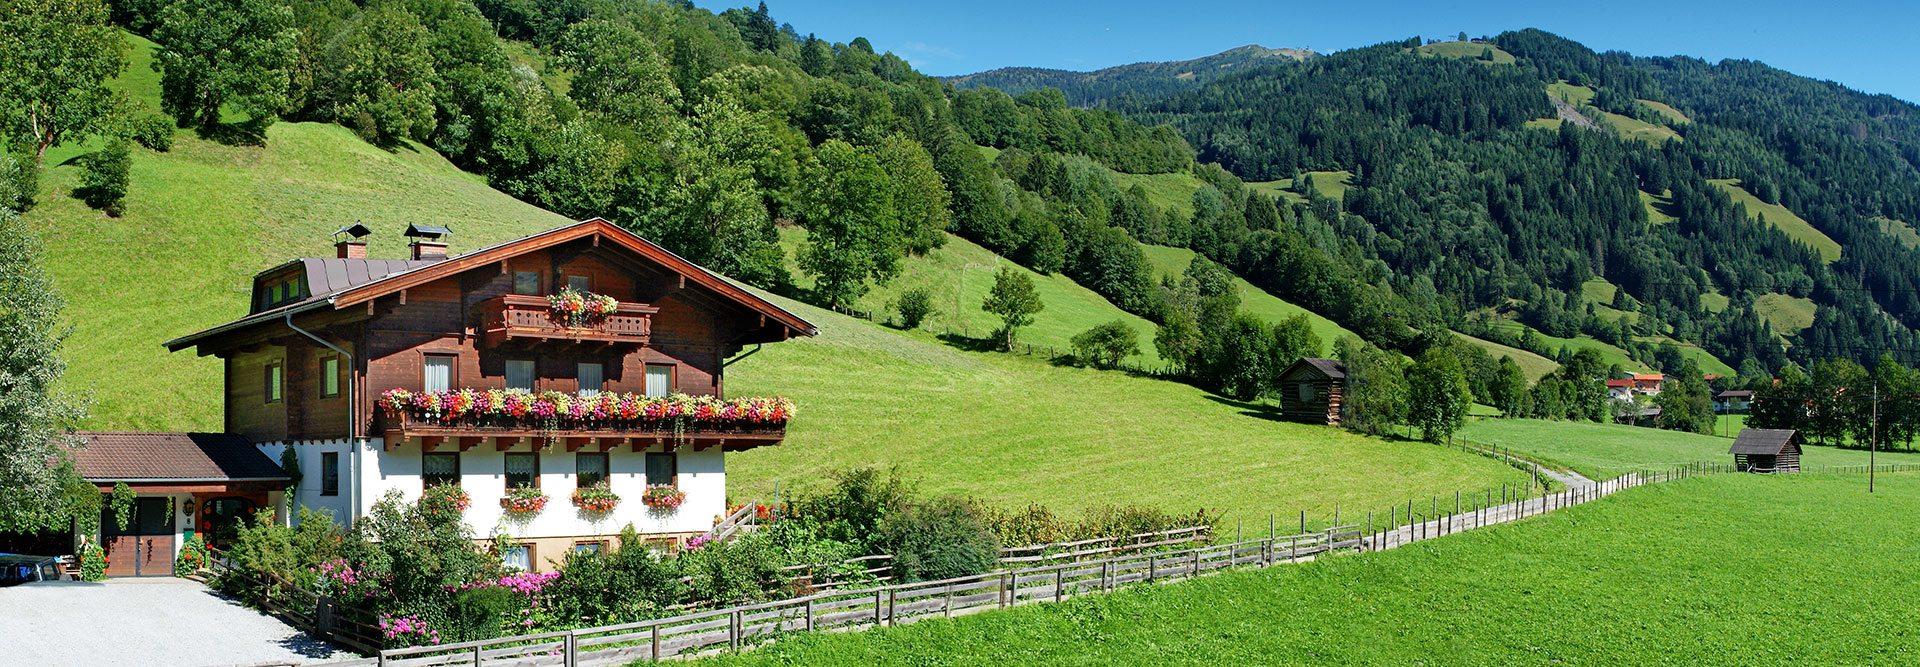 Beitragsbild – Ferienwohnung Bernkogelblick –Sommerurlaub und Winterurlaub in Dorfgastein, Hoisbauer im Gasteinertal